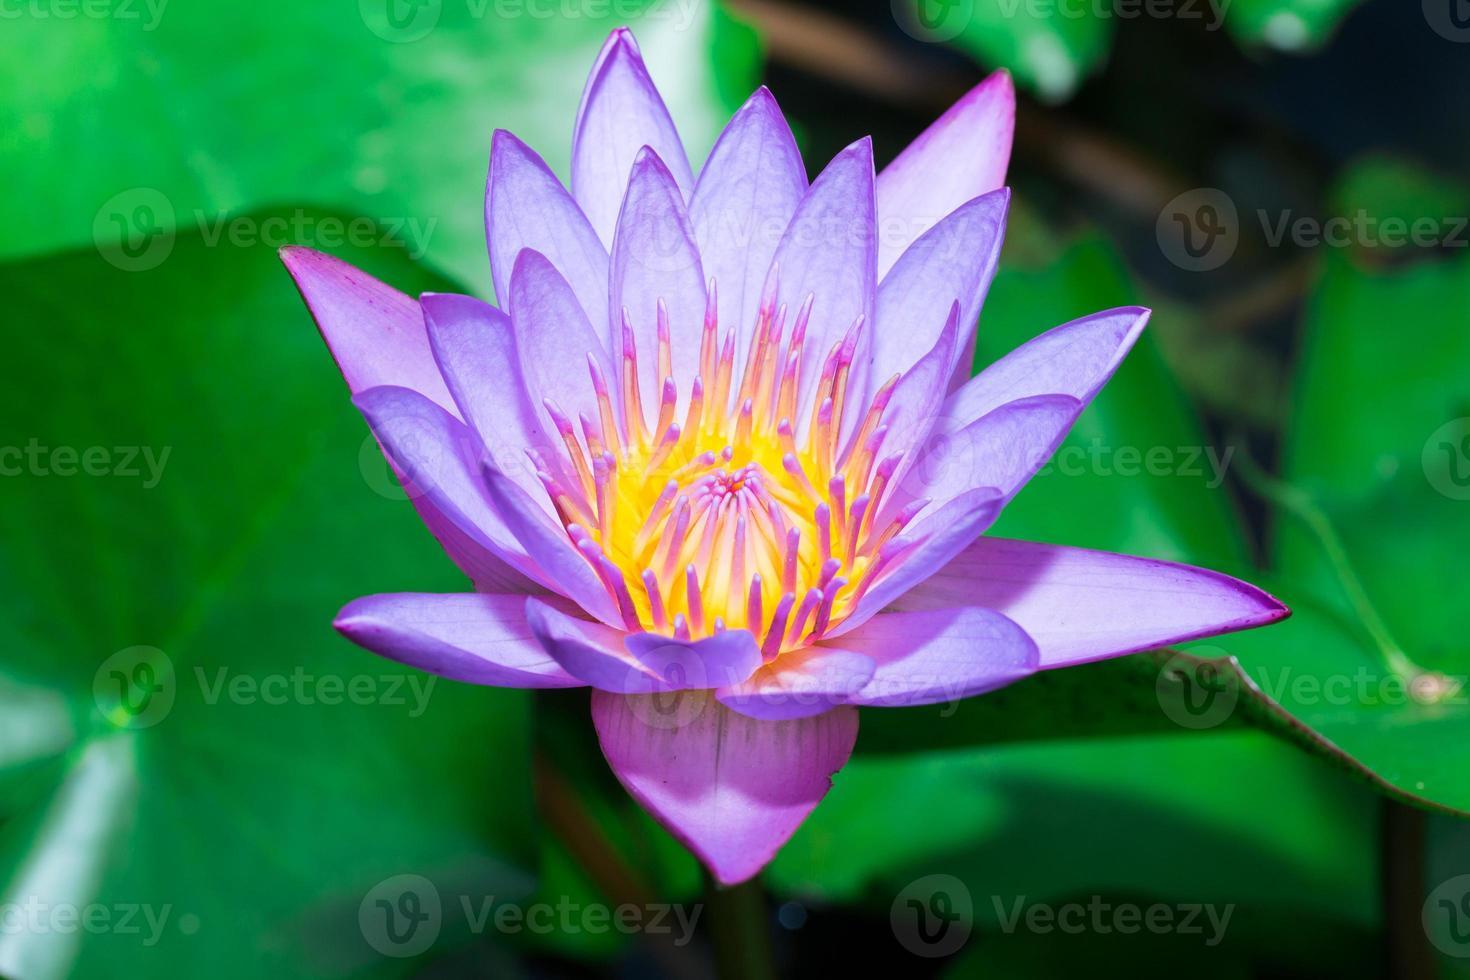 flor de lótus violeta closeup foto